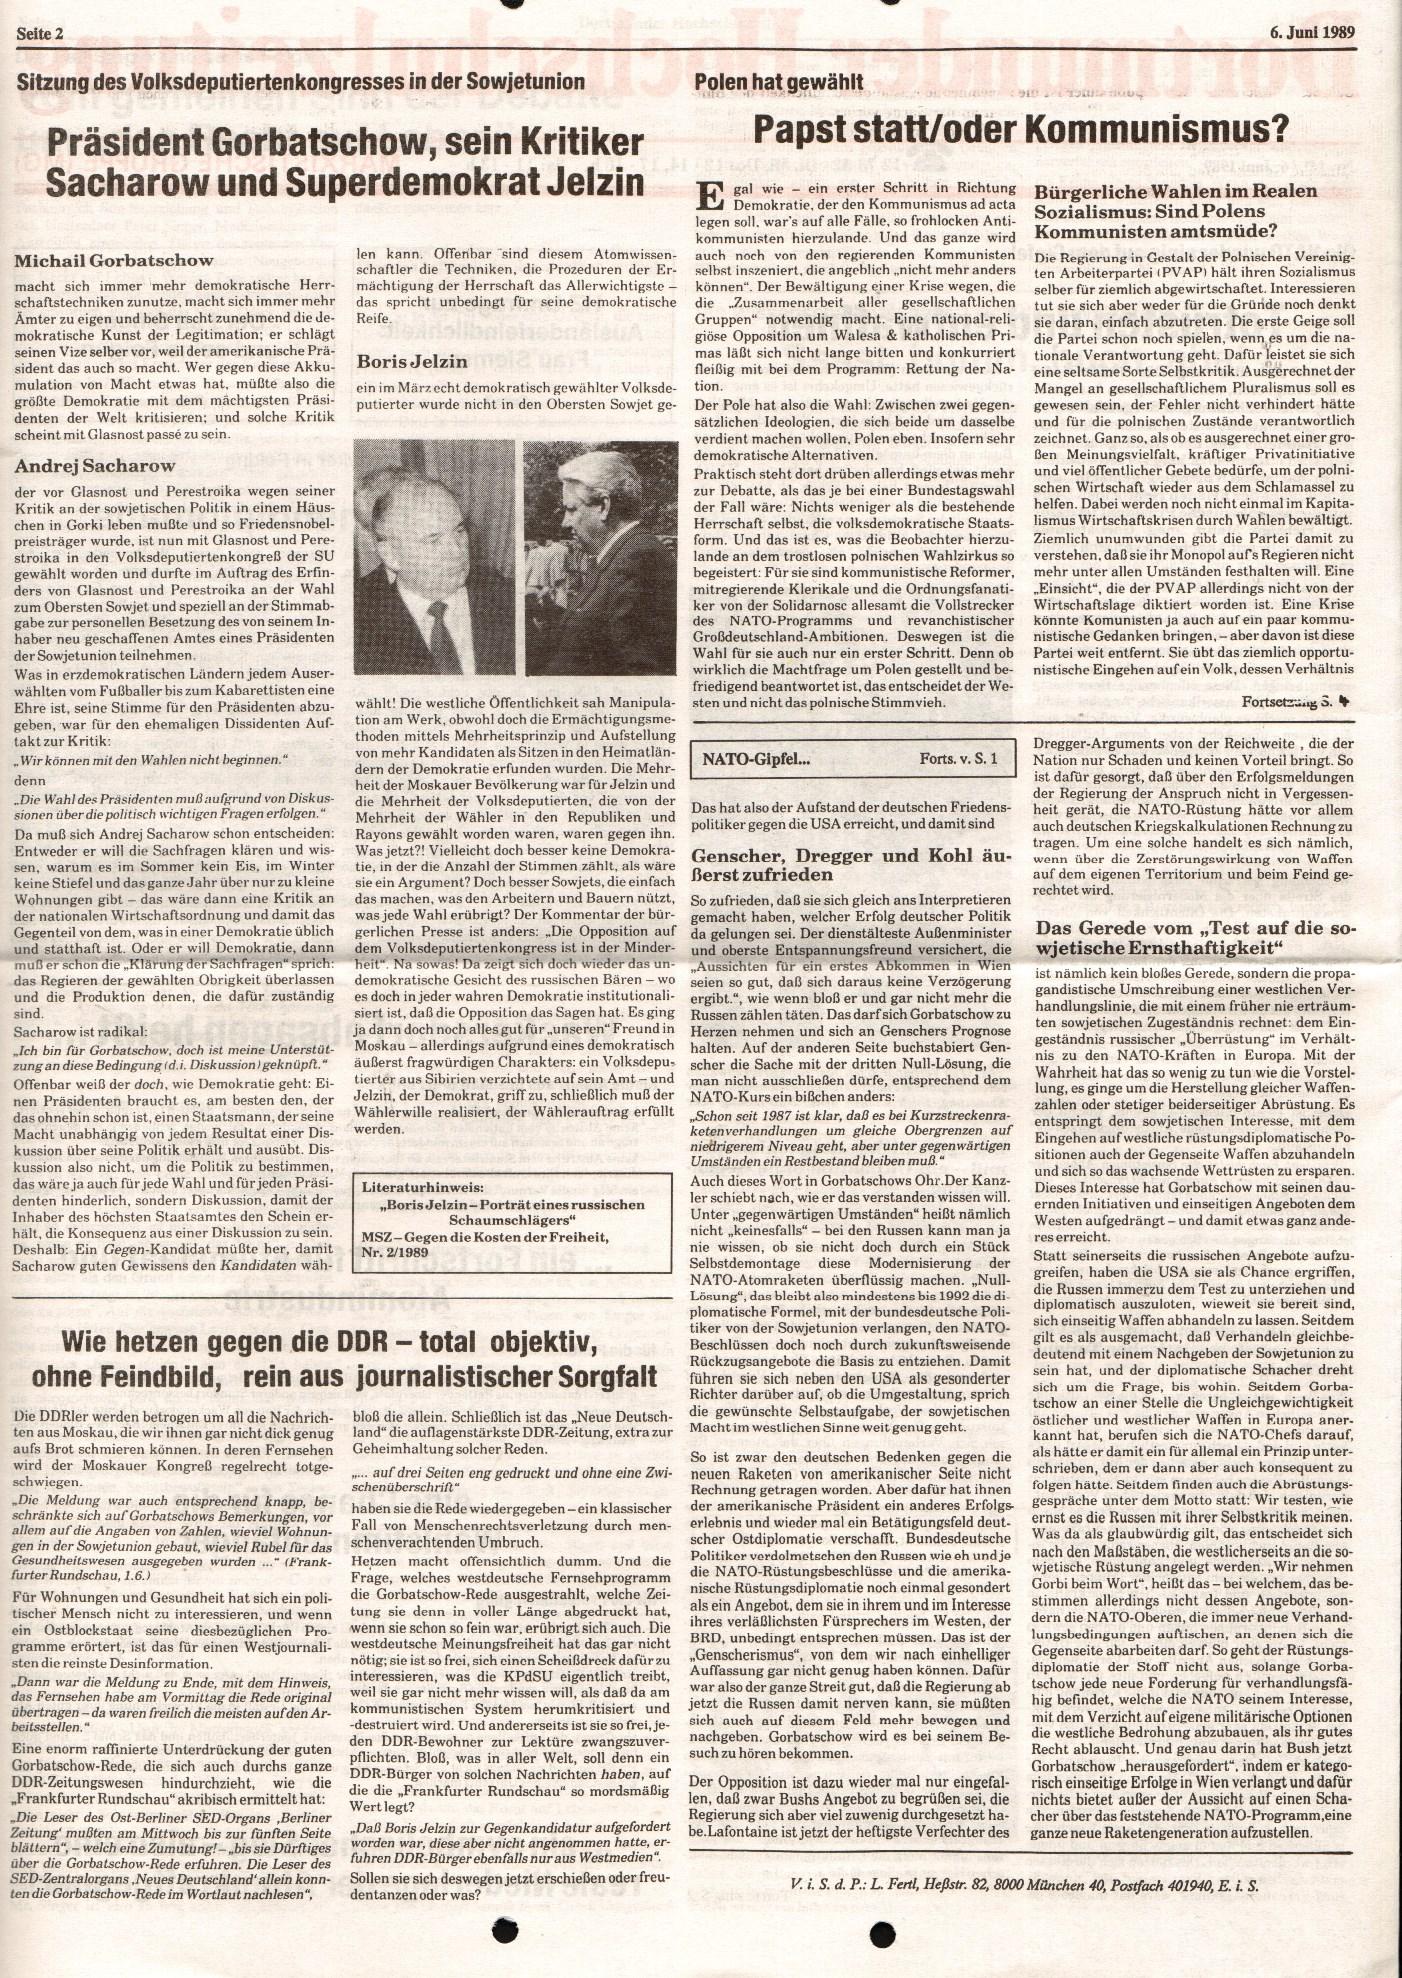 MG_Dortmunder_Hochschulzeitung_19890606_02